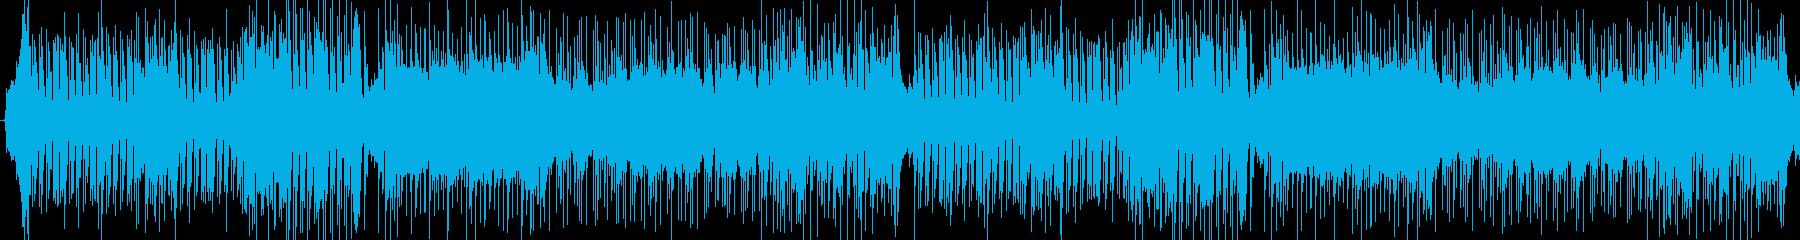 ゲーム用素材/通常バトル曲の再生済みの波形